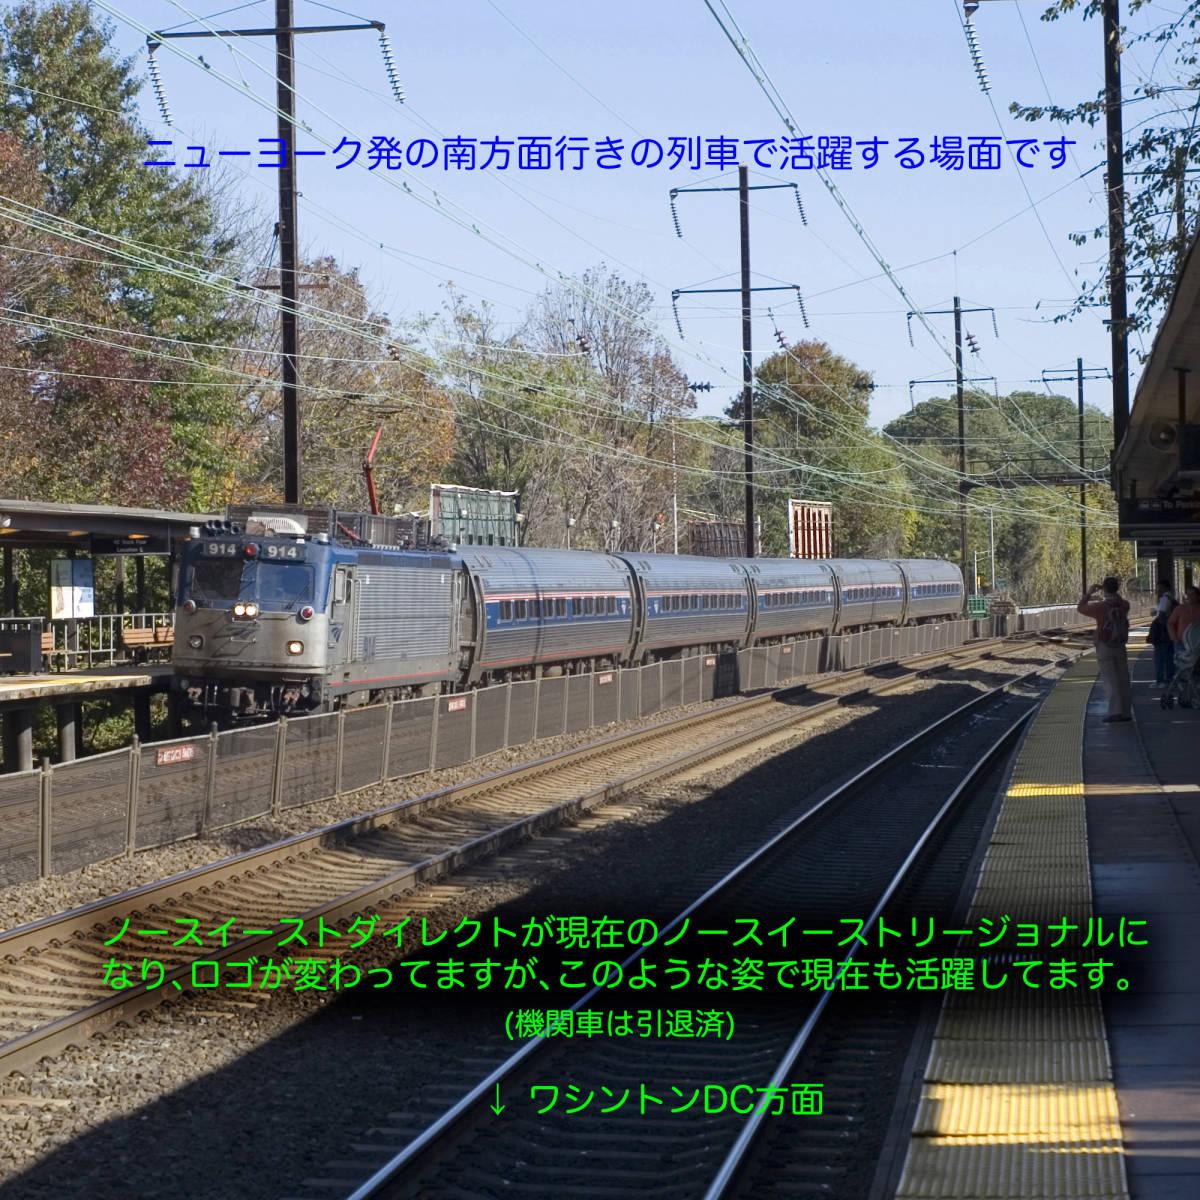 HOスケール アメリカ アムトラック AEM7形電気機関車とアムフリート客車5両【運行当時の東北地区全域時刻表付、ステップ破損で交換部品付】_画像10